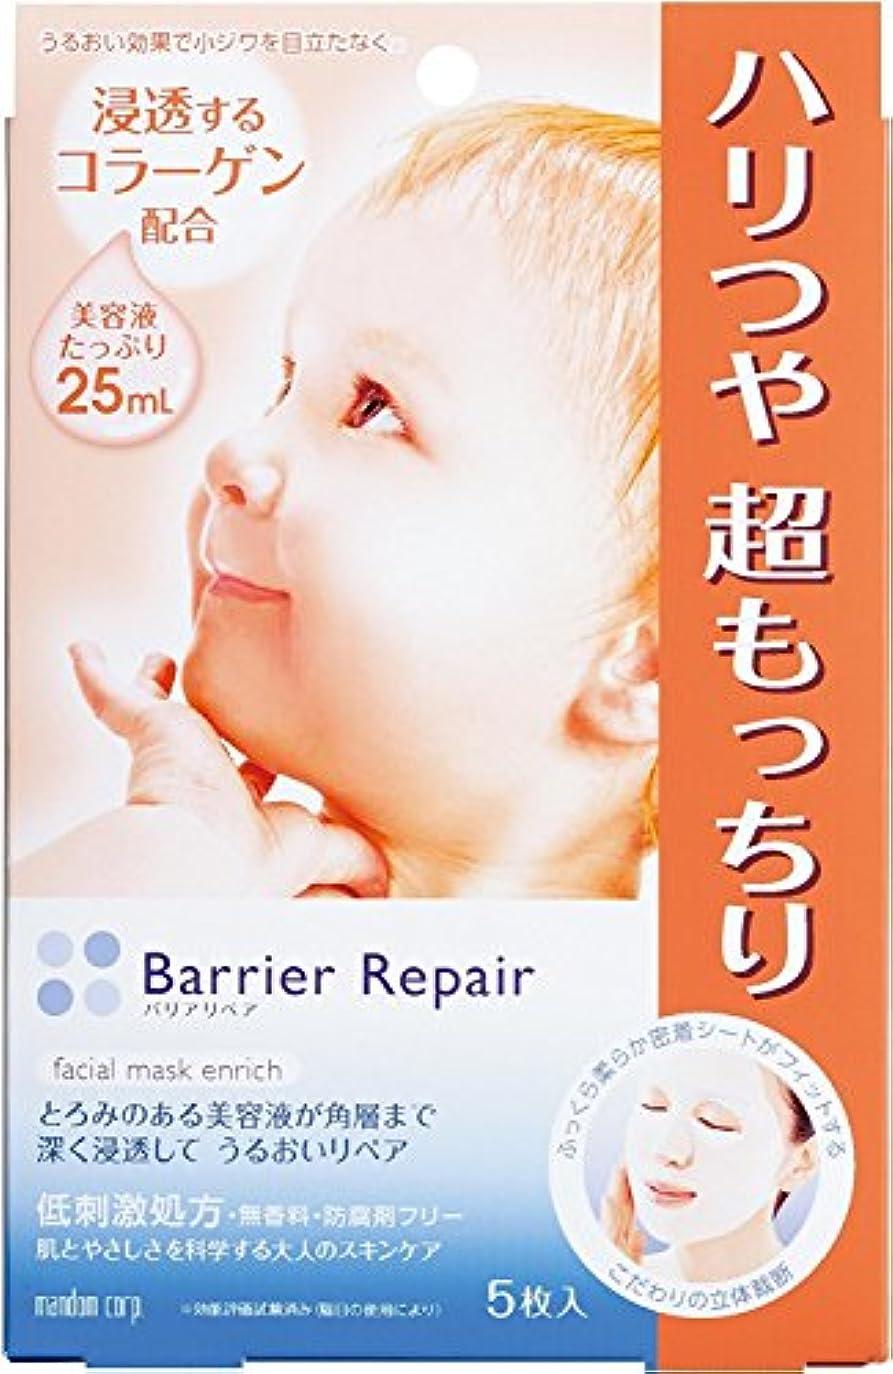 我慢する個人的に取り組むBarrier Repair (バリアリペア) シートマスク (コラーゲン) ハリ?つや超もっちりタイプ 5枚